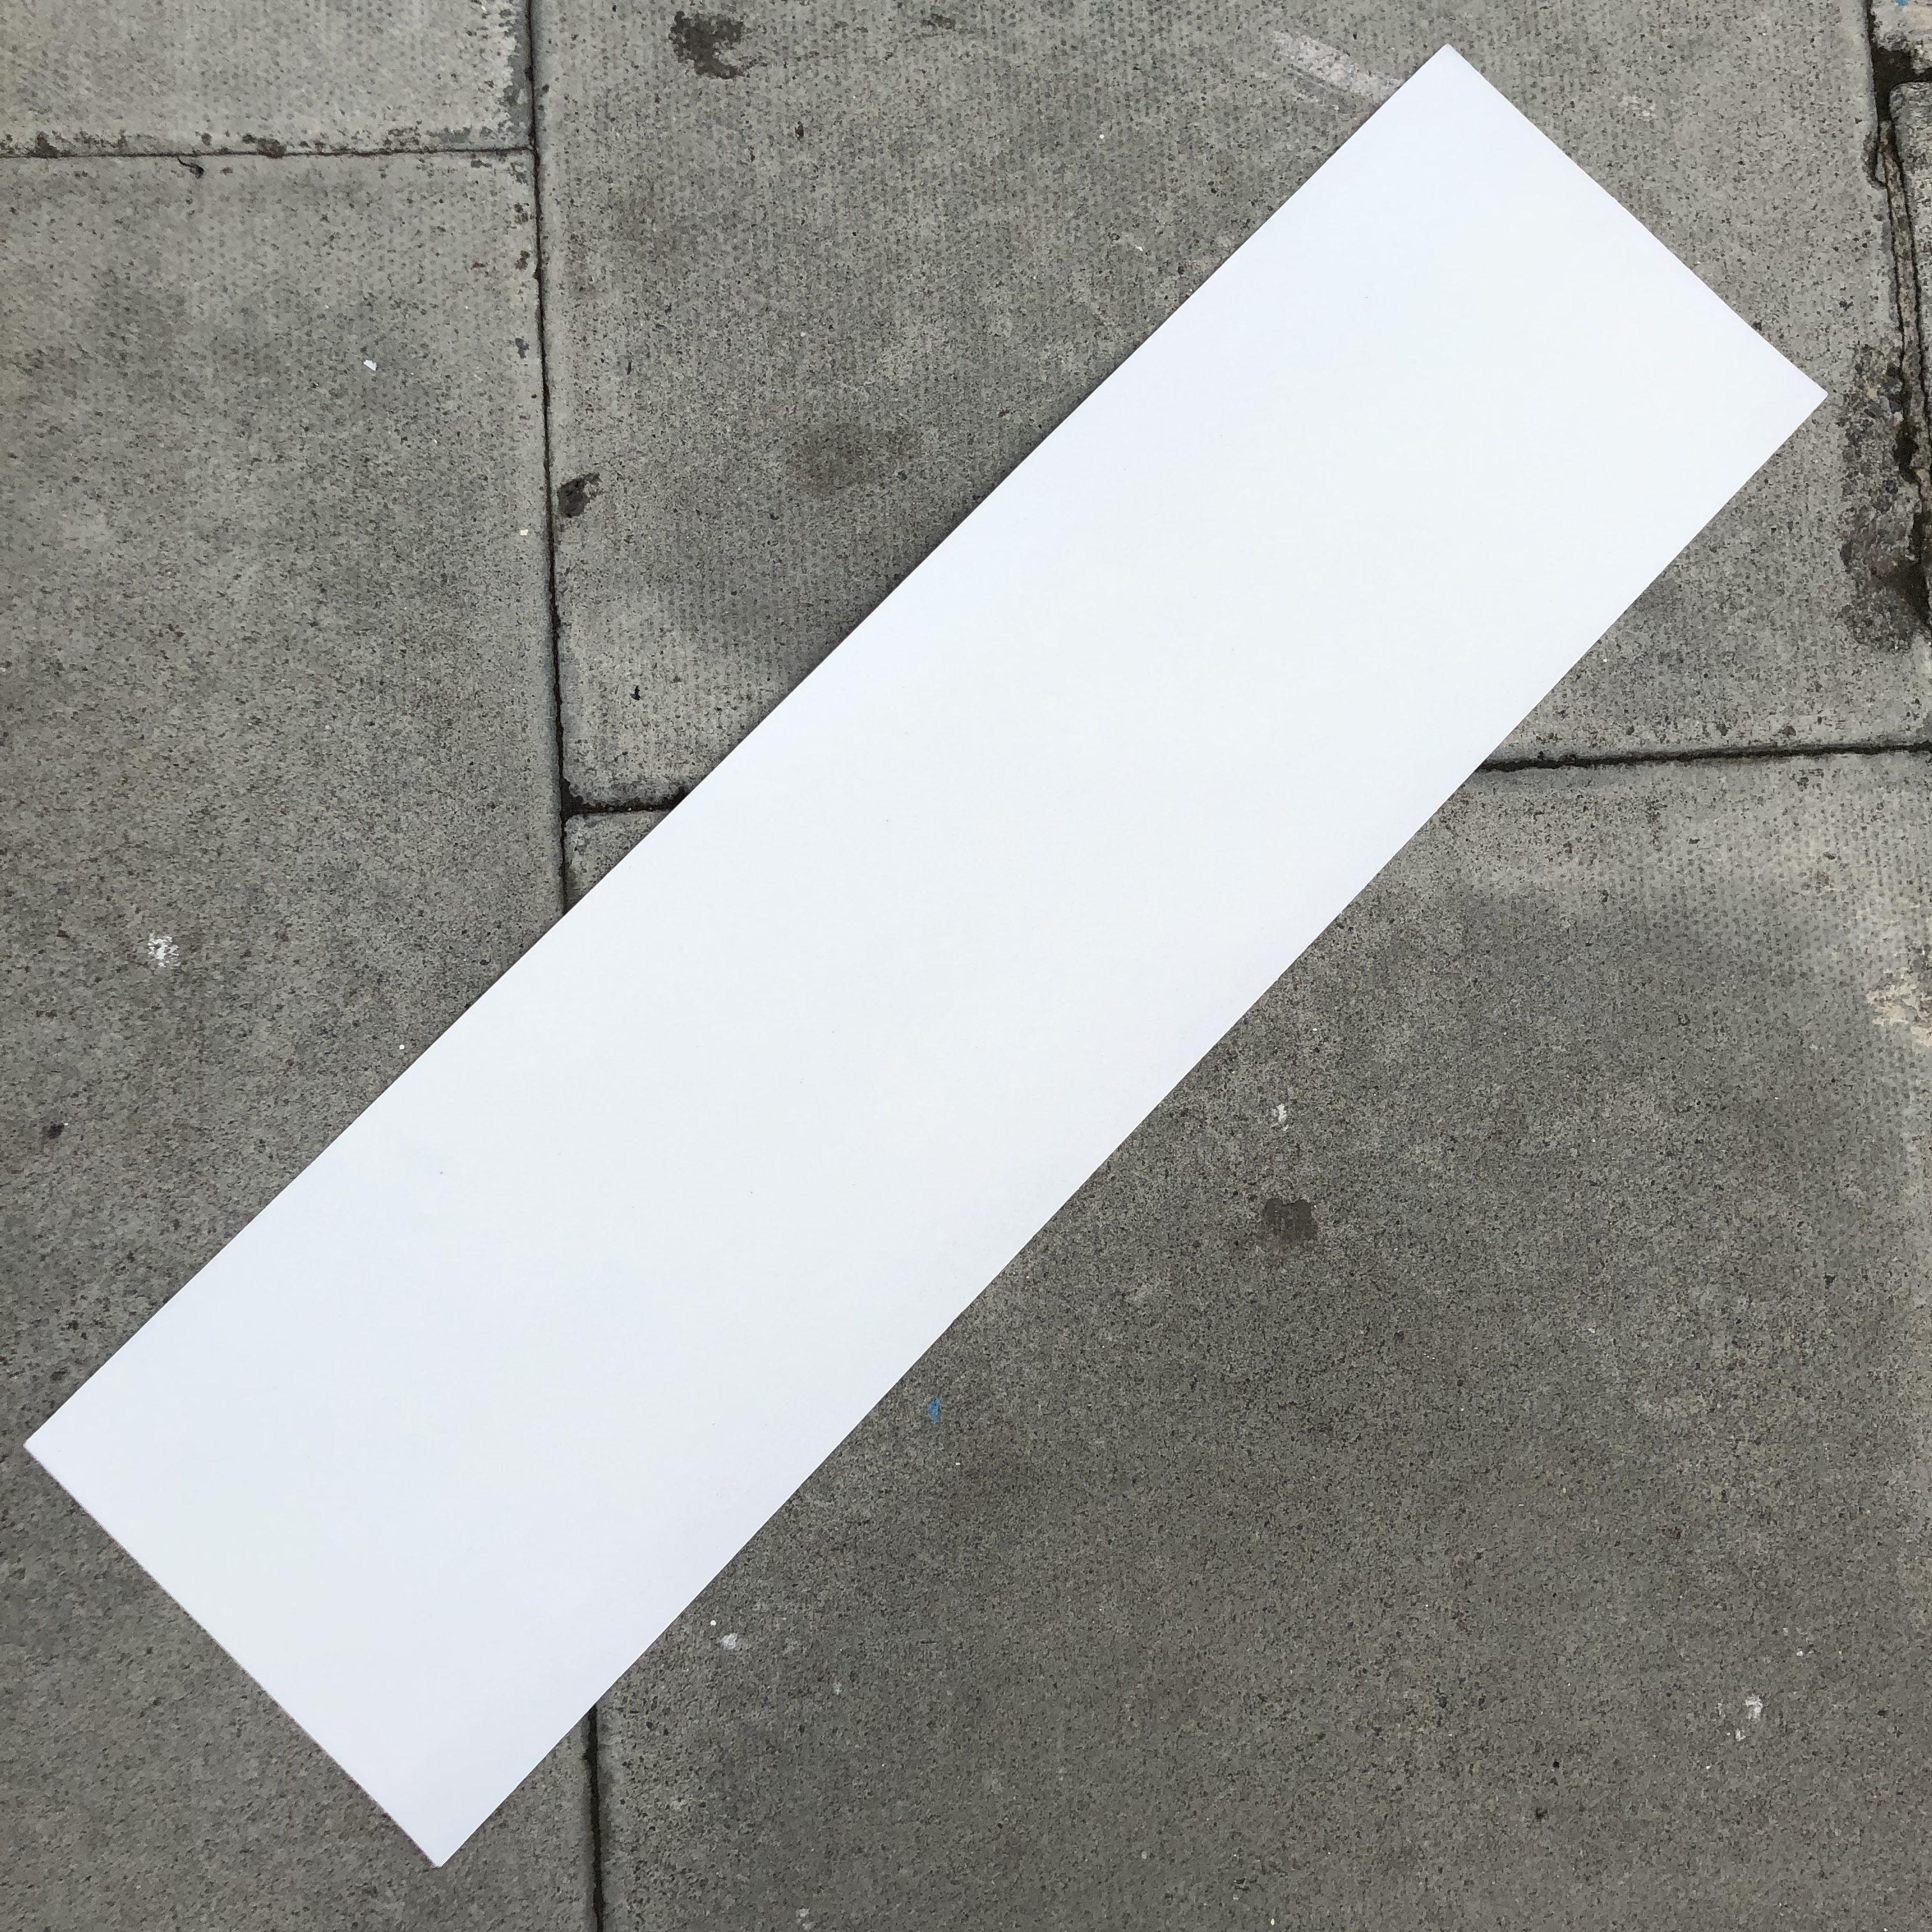 Element Skateboards White Skateboard Grip Tape